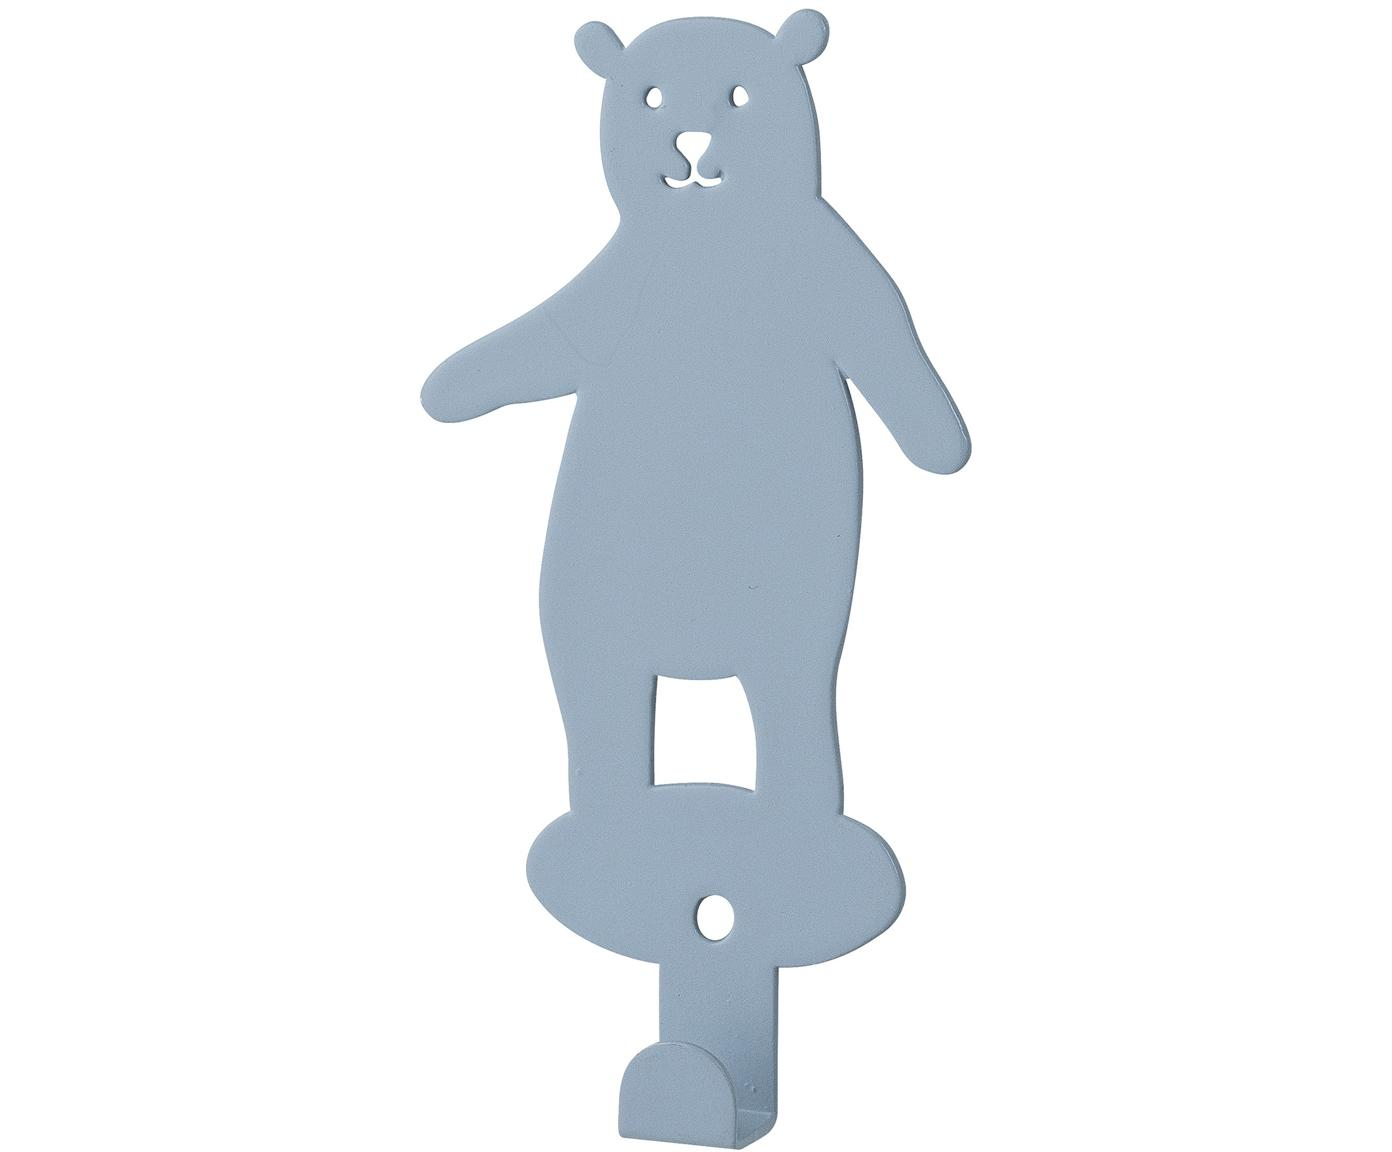 Hak ścienny Brownbear, Metal powlekany, Niebieski, S 7 x W 12 cm